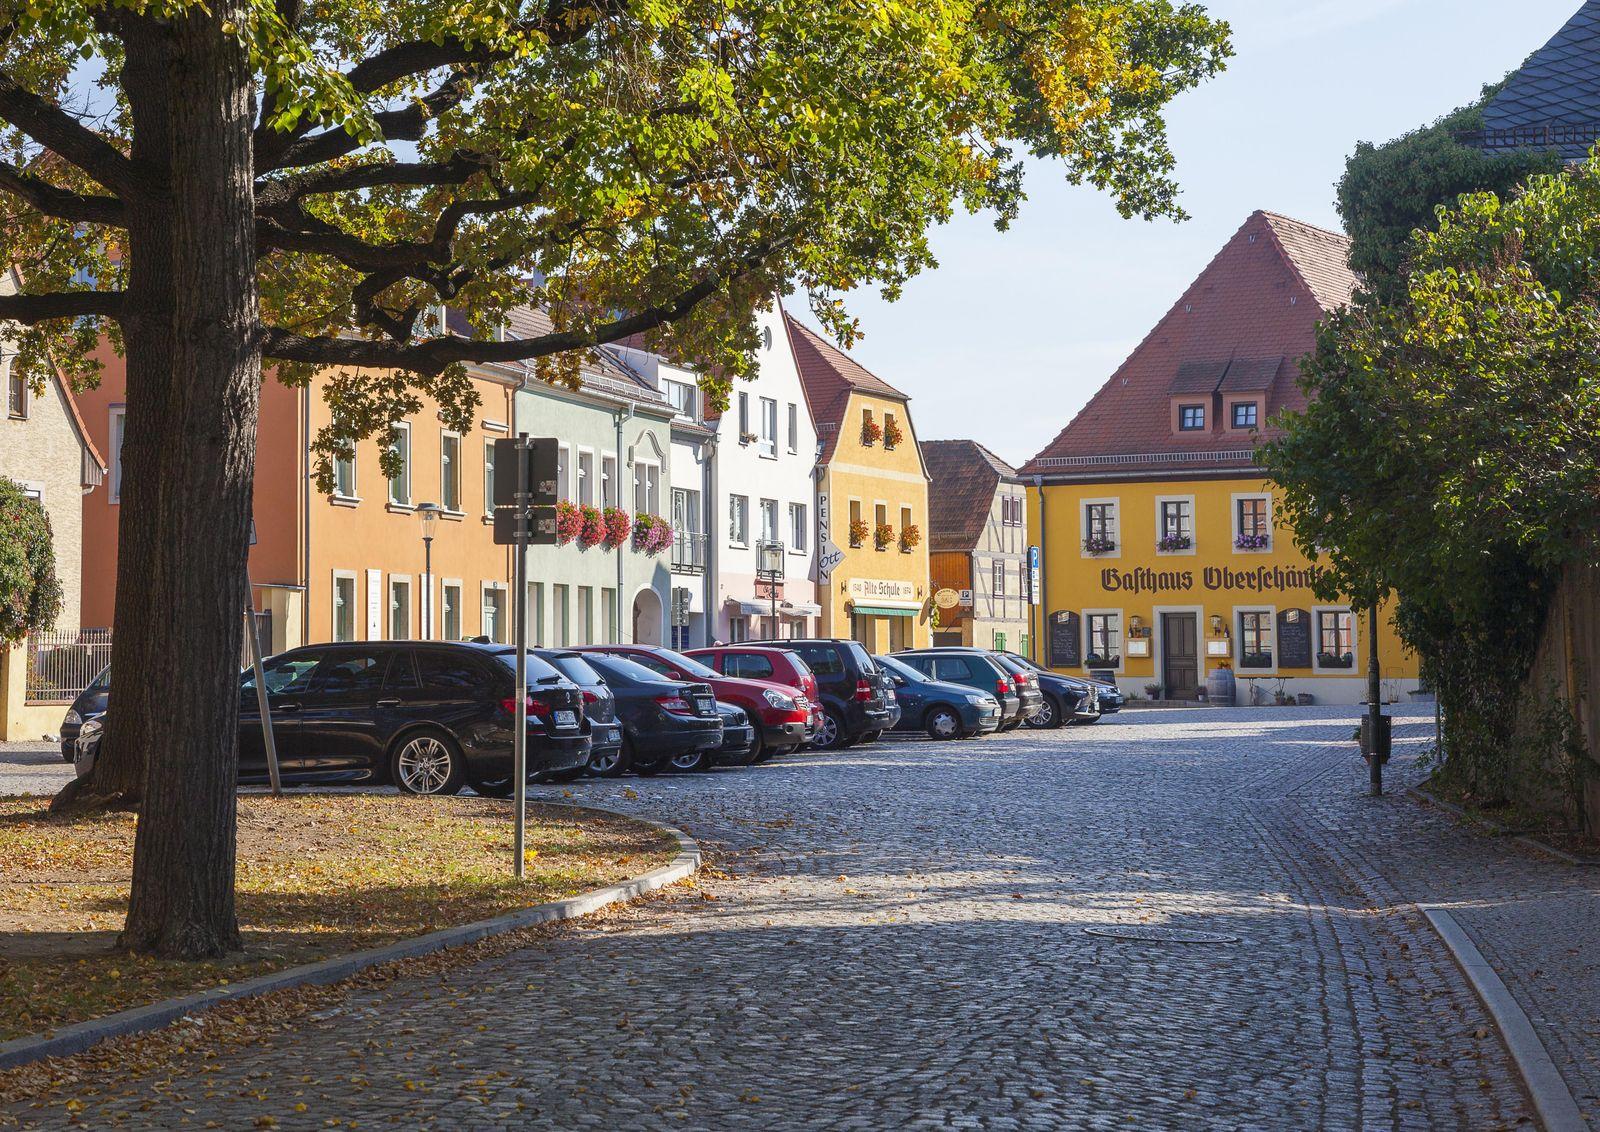 Dorfanger mit Gasthaus Oberschänke in Altkötzschenbroda, Radebeul, Sachsen, Deutschland, Europa